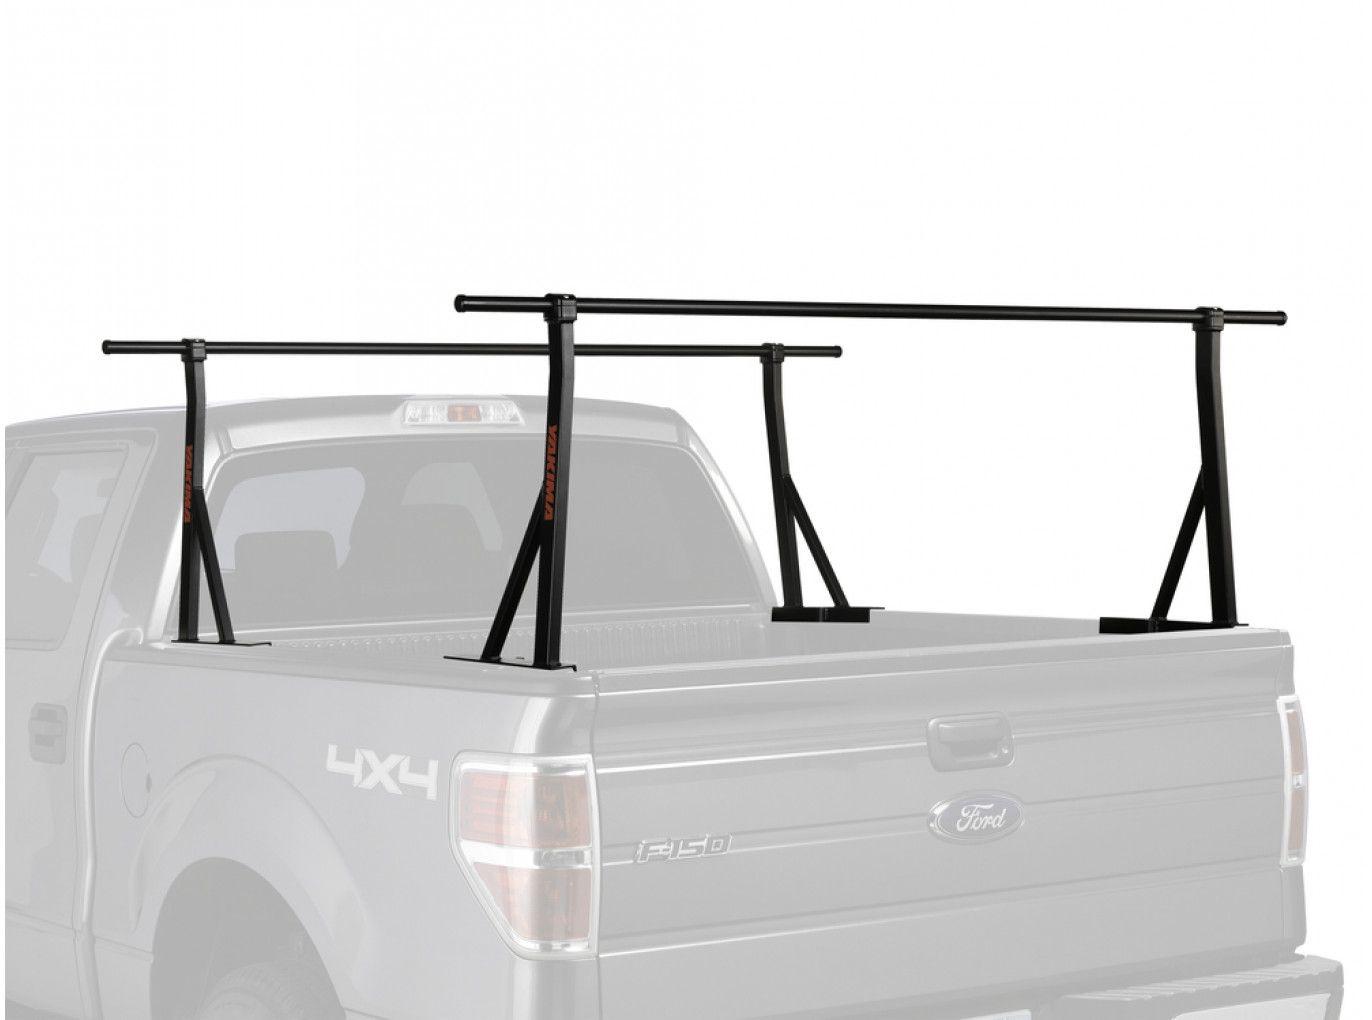 240 Outdoorsman 300 Truck bed, Roof rack, Trucks